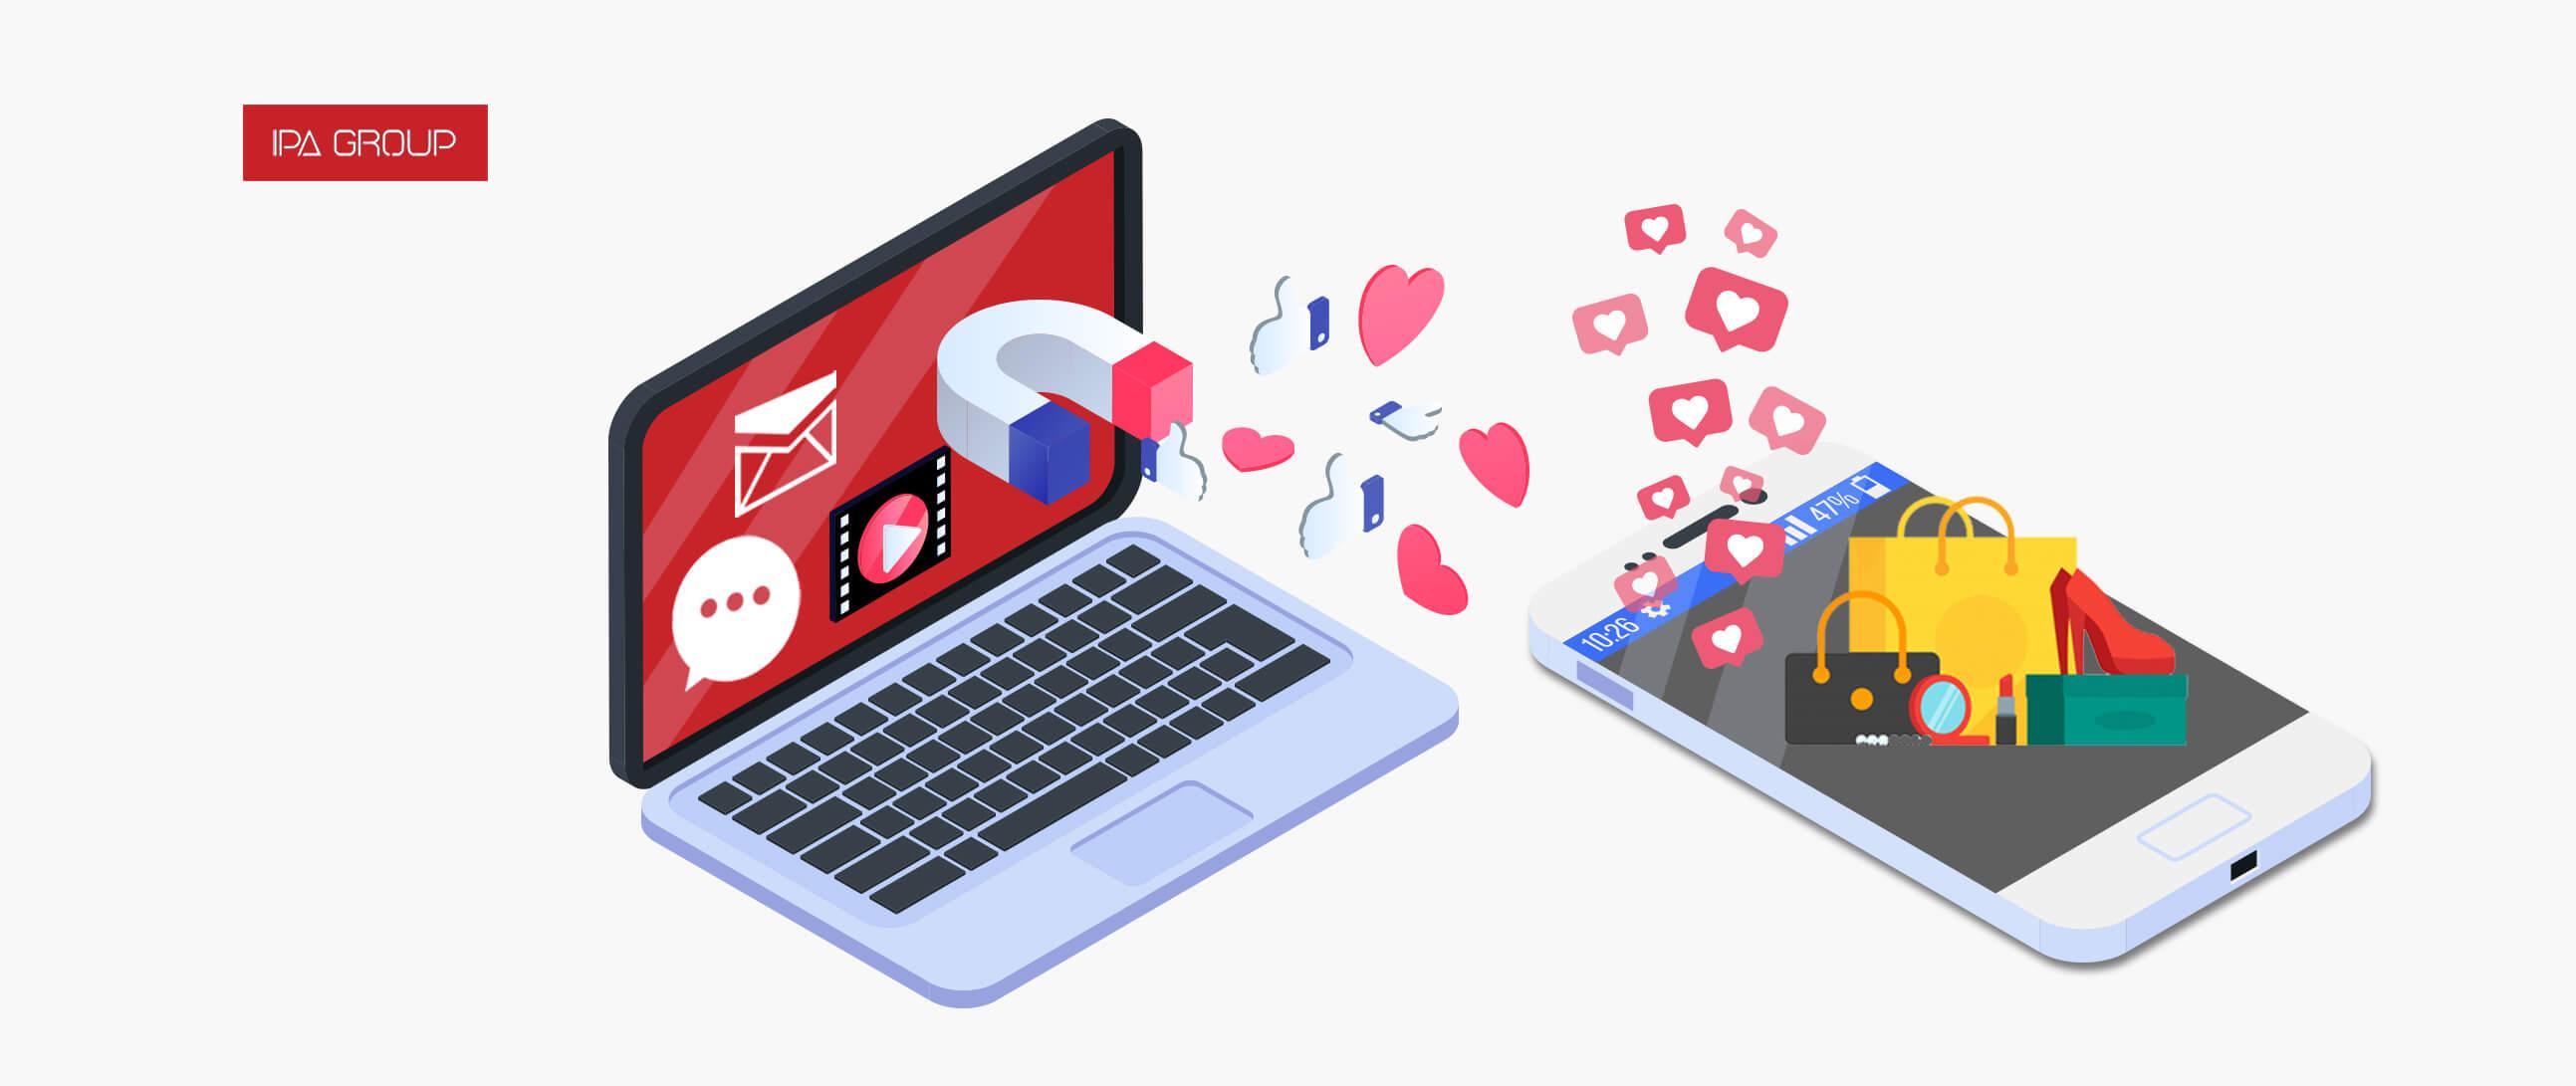 Computadora atrayendo consumidores, likes y compras